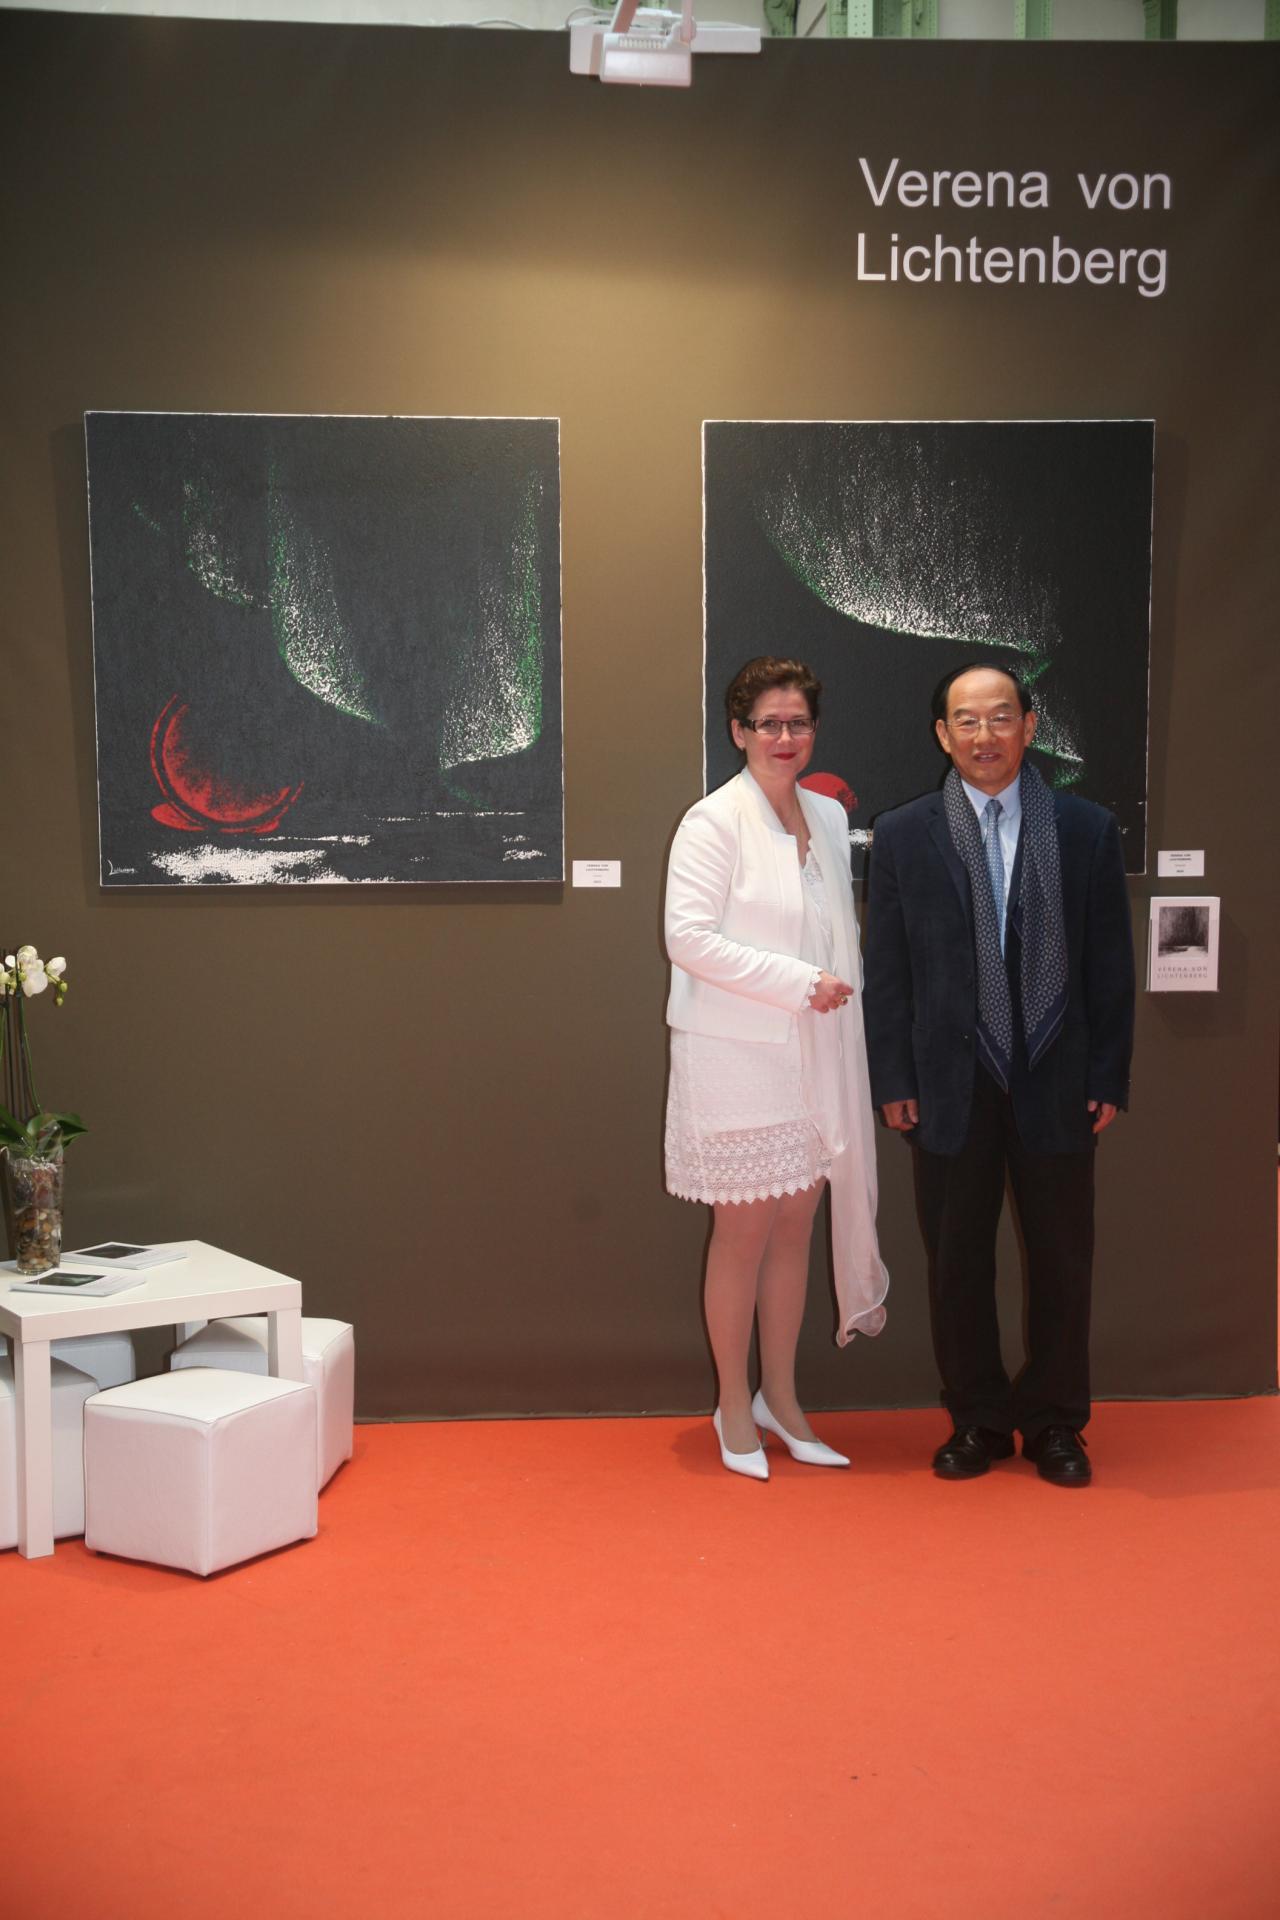 Verena von lichtenberg artiste peintre et han yuchen depute de l assemble populaire de chine membre honnoraire du comite d art de peinture